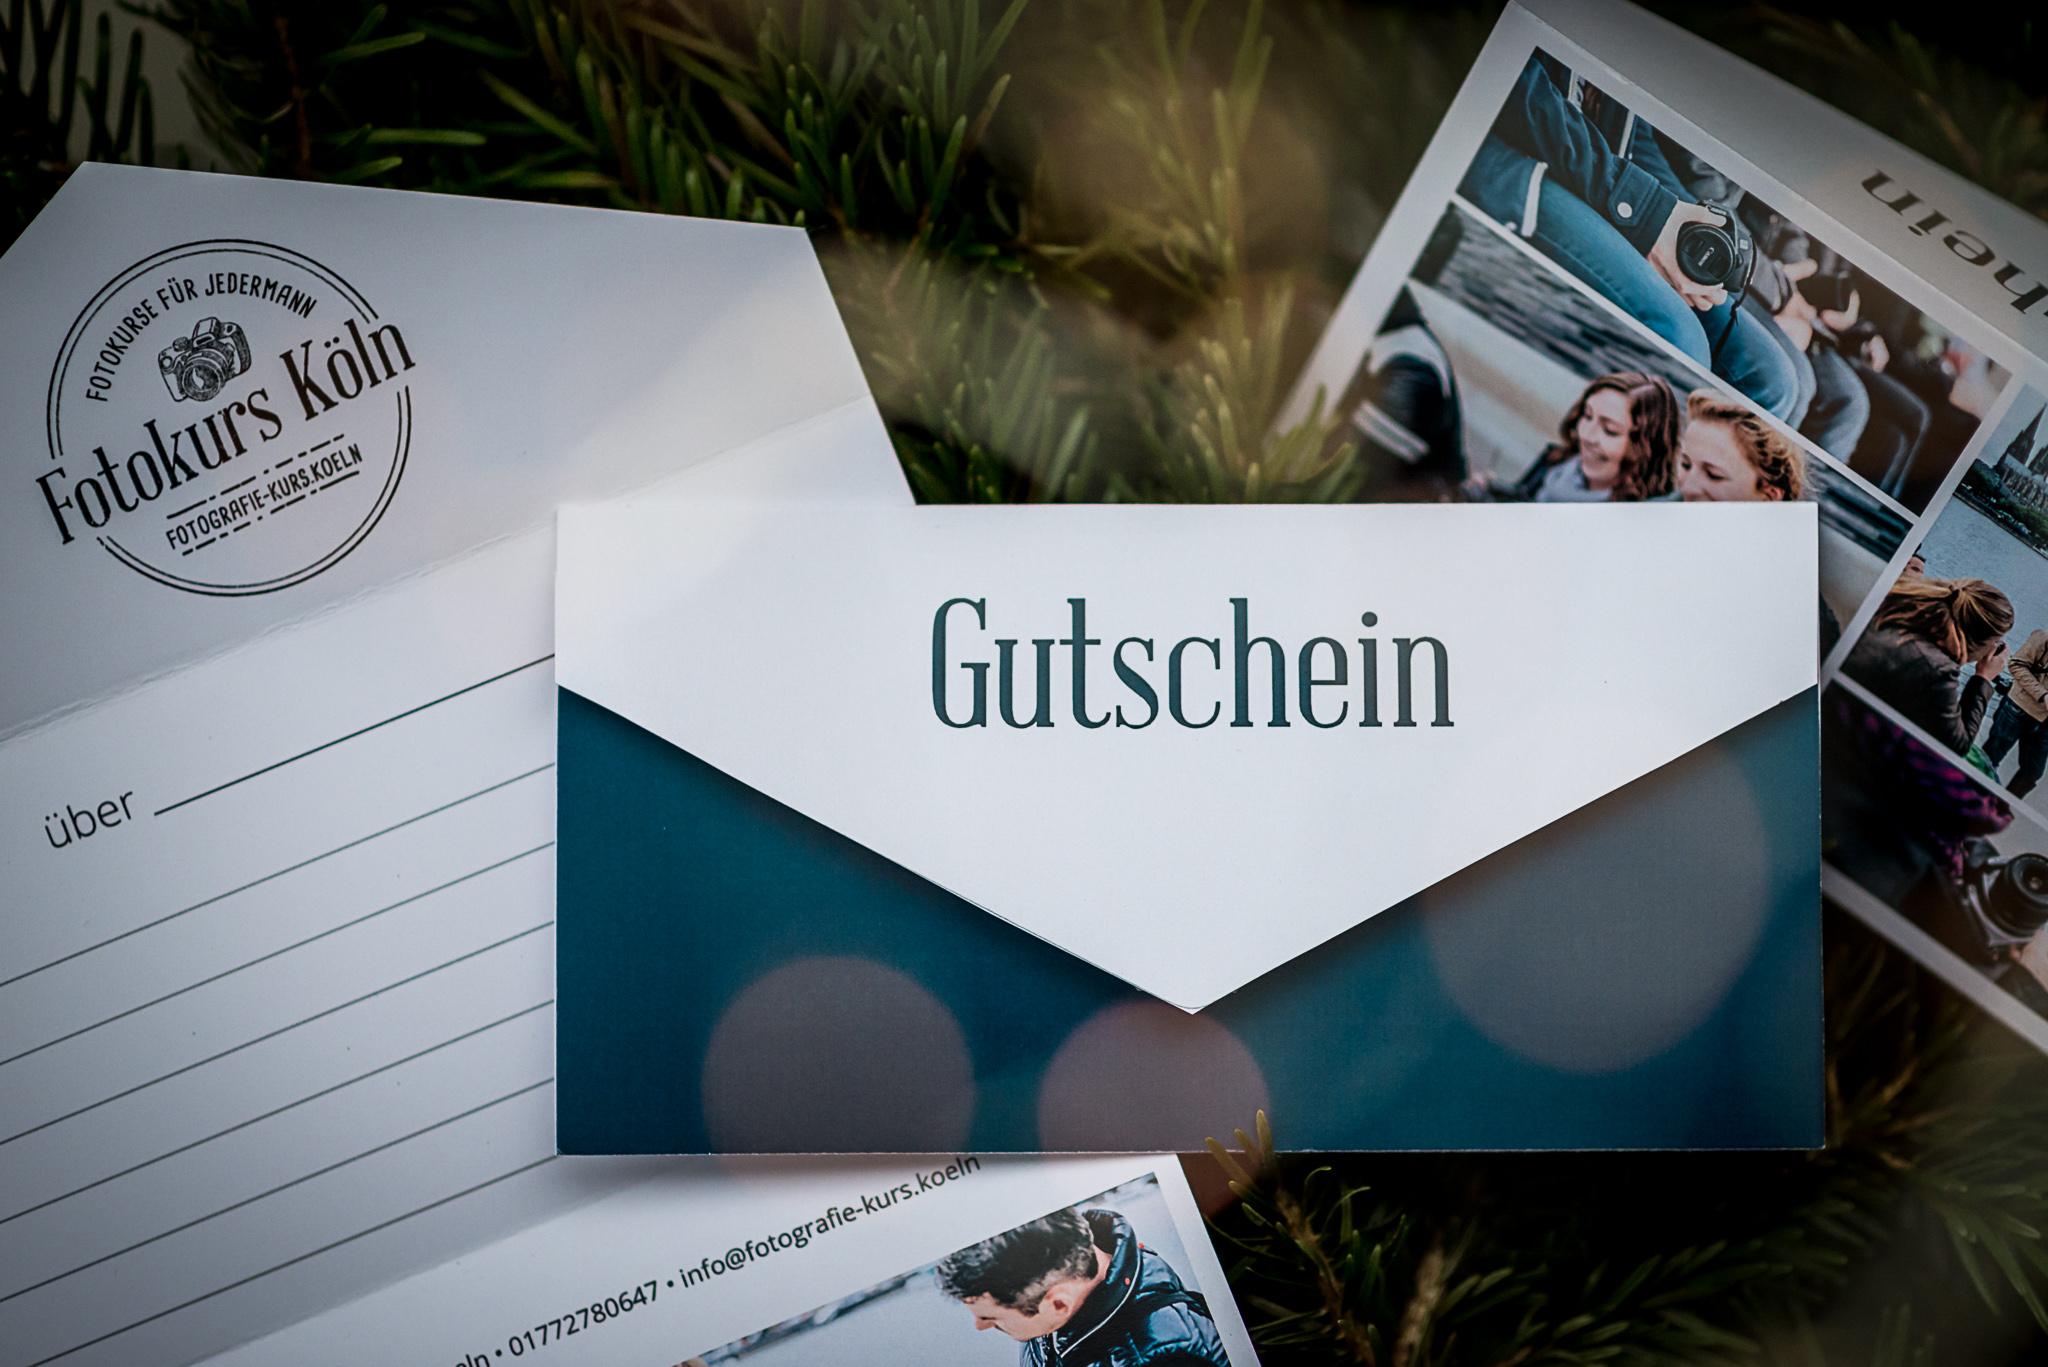 Fotokurs Gutschein in Köln schenken